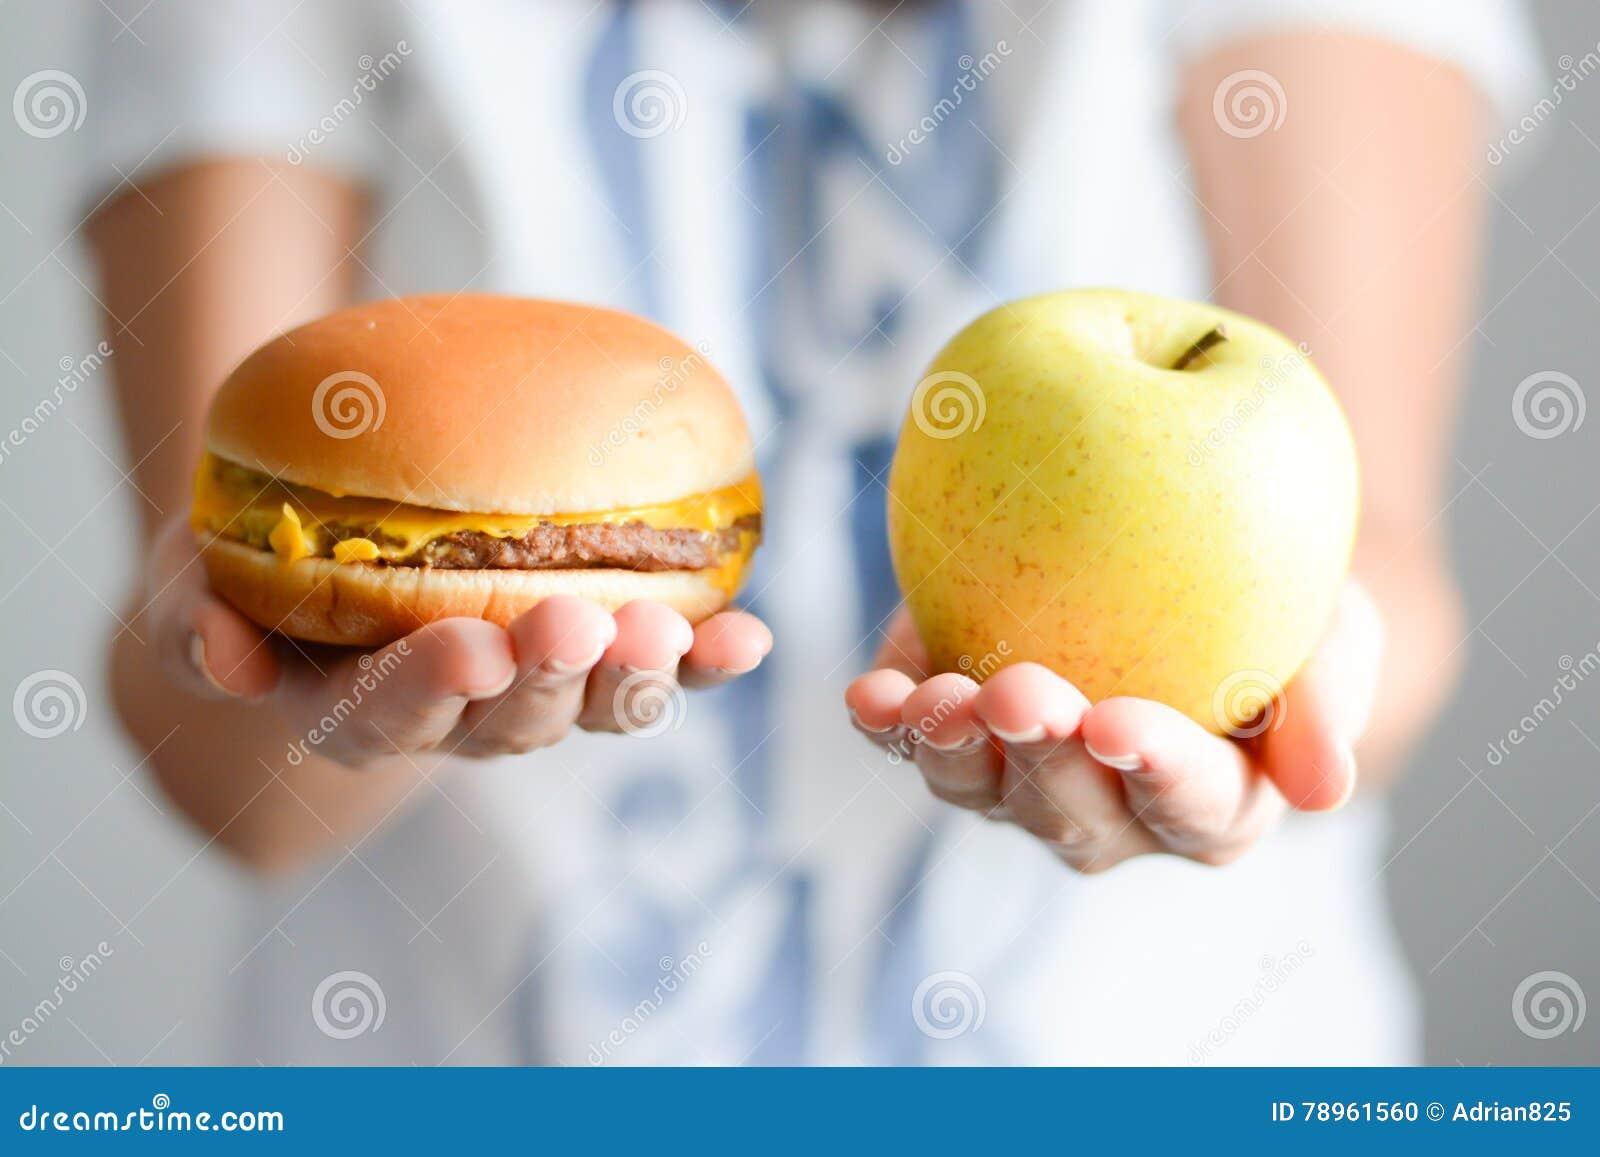 Escolha entre a comida lixo contra a dieta saudável